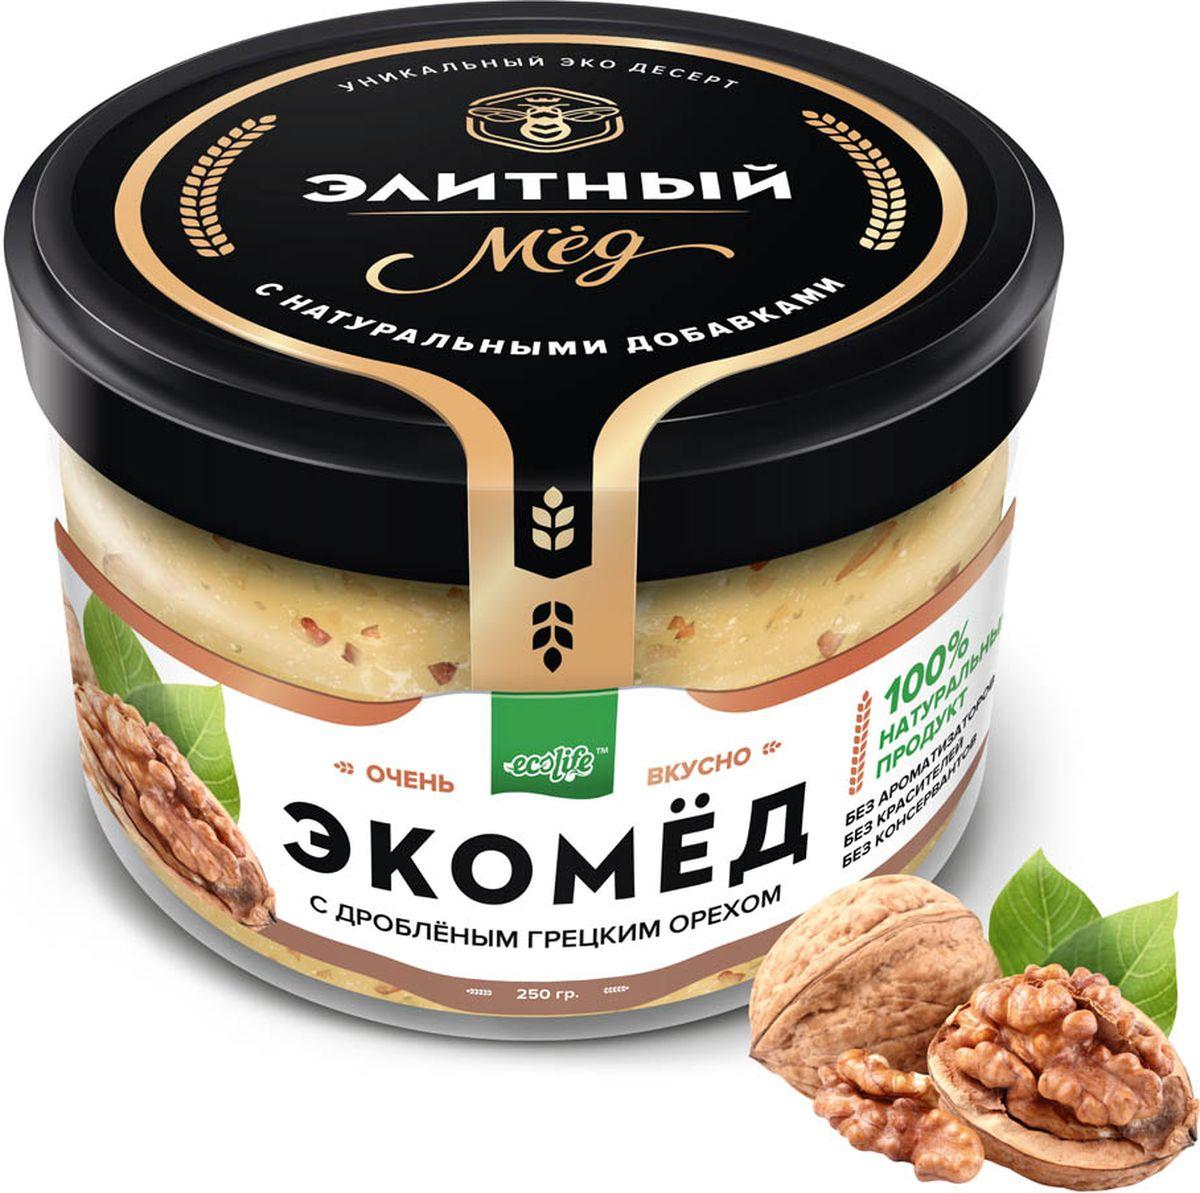 Ecolife Экомед с грецким орехом, 250 г4665298961677100% натуральный экопродукт, имеющий в составе только натуральные ингредиенты. При изготовлении не используется дешевый подсолнечный мёд. Мед не нагревается, сохраняются все его полезные свойства. Экомёд не имеет эффекта расслаивания.